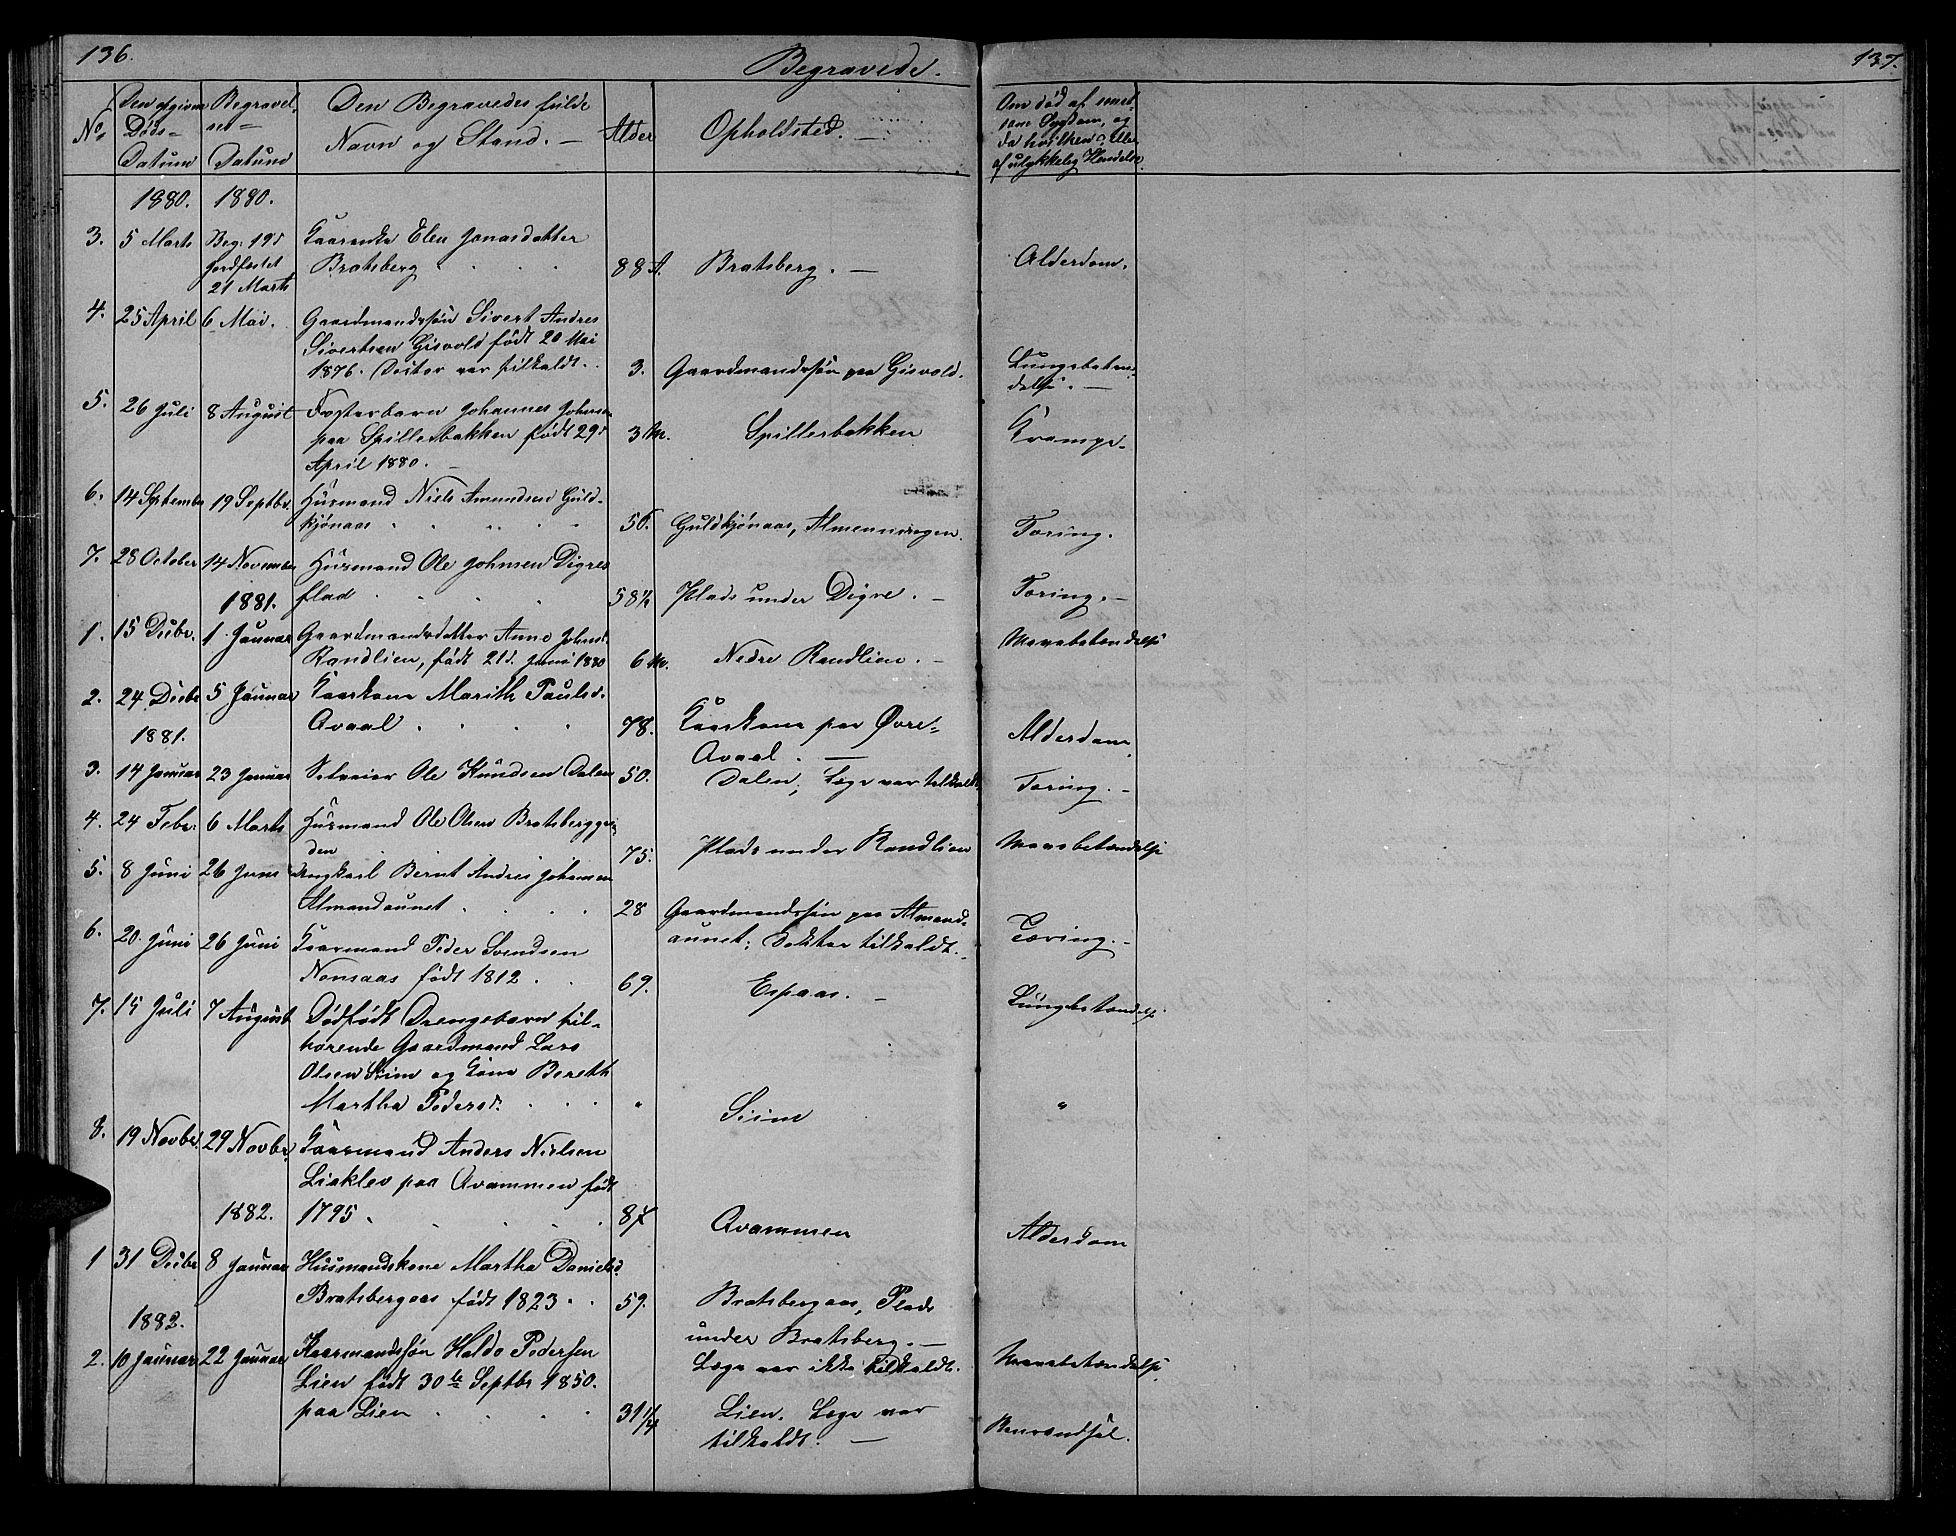 SAT, Ministerialprotokoller, klokkerbøker og fødselsregistre - Sør-Trøndelag, 608/L0340: Klokkerbok nr. 608C06, 1864-1889, s. 136-137